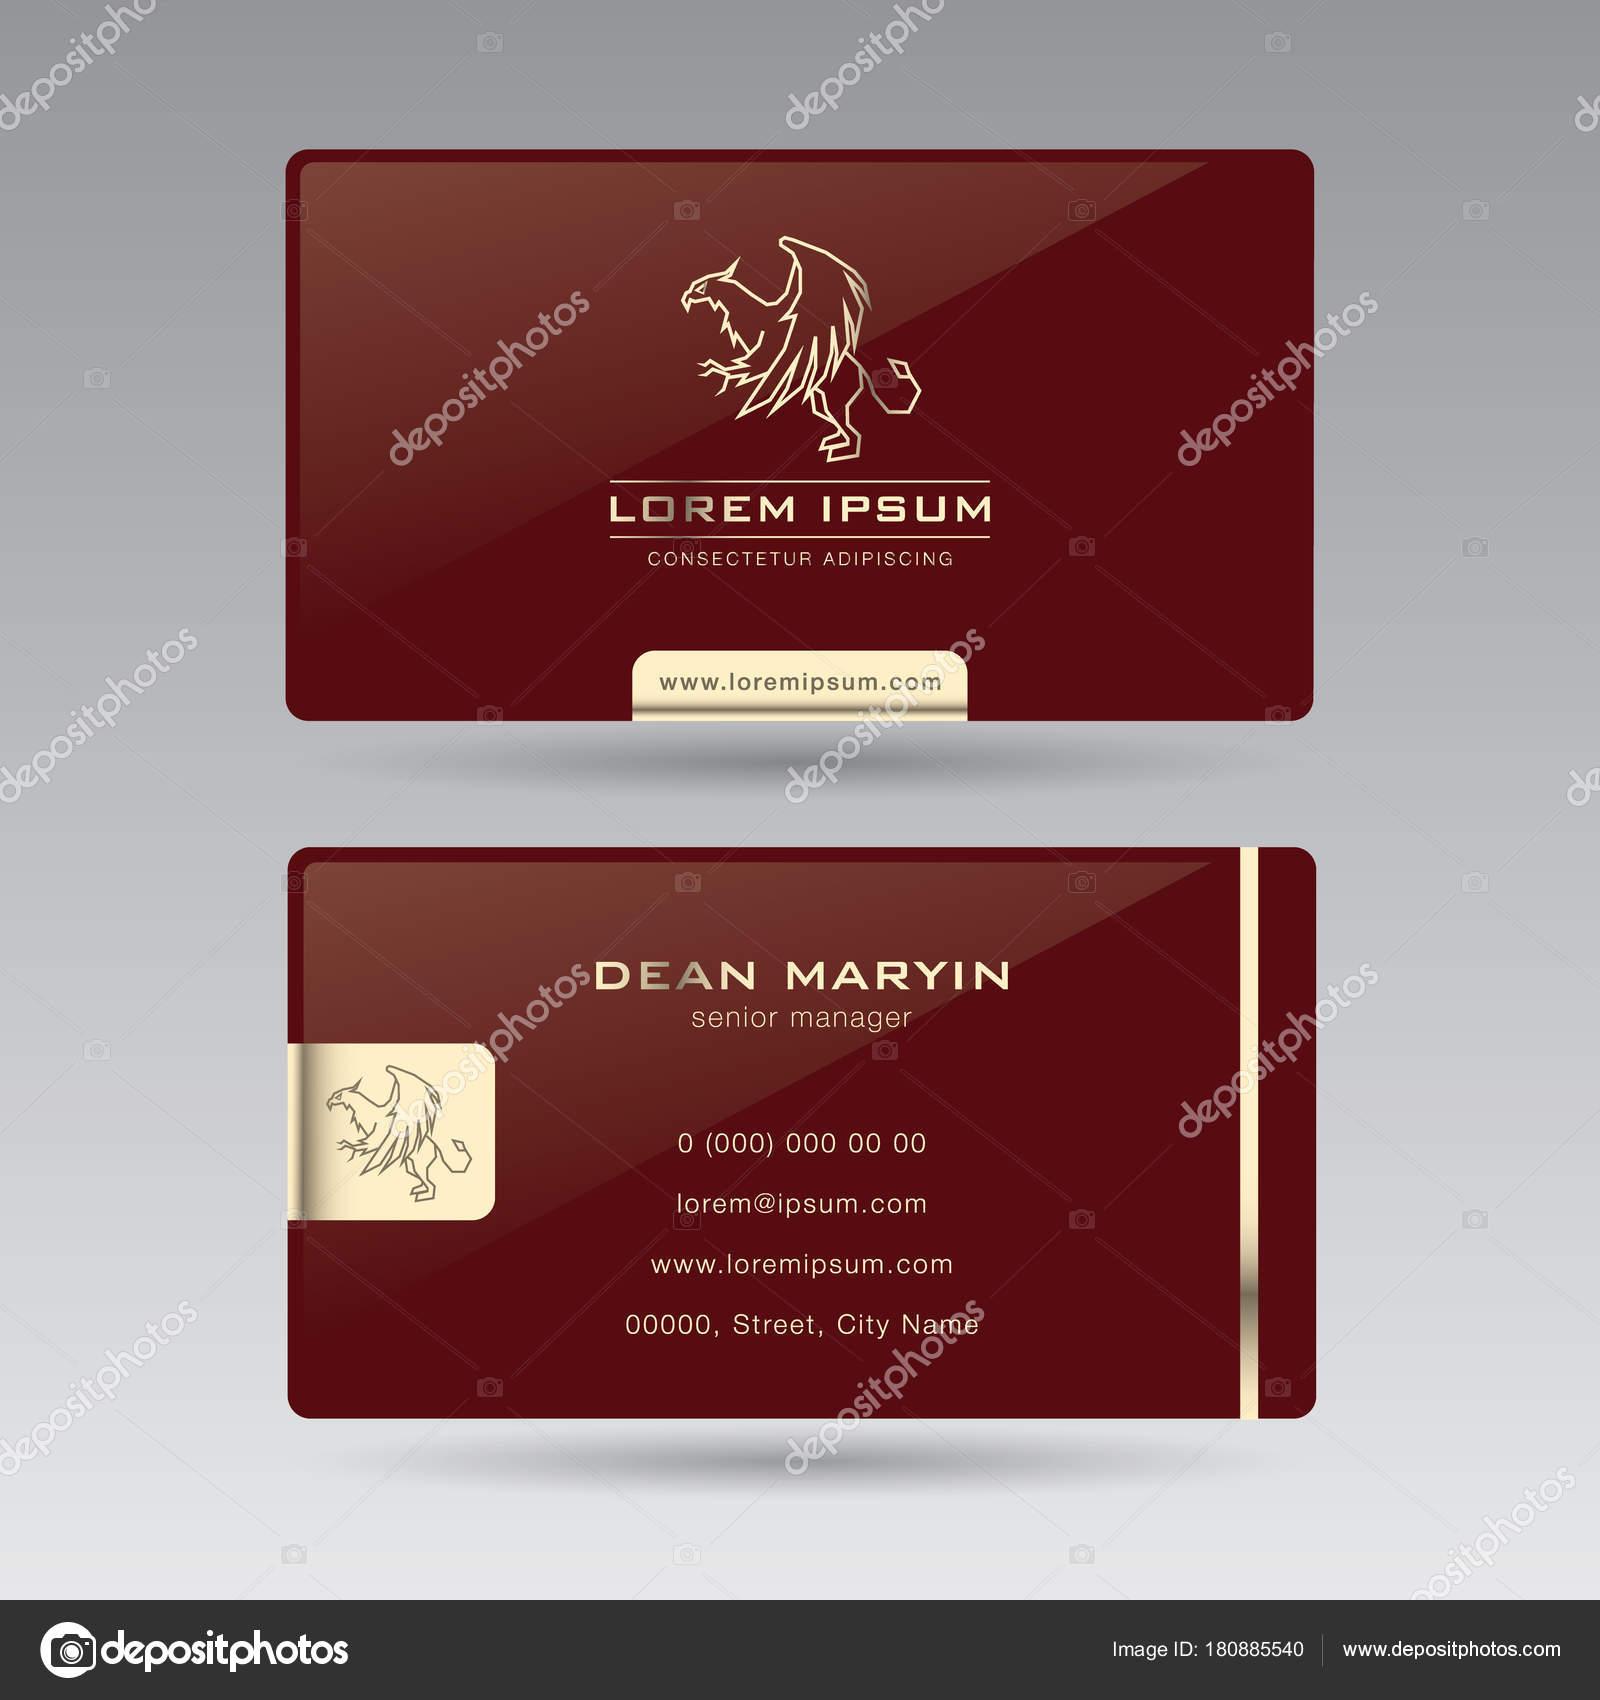 Zweiseitige Luxus Horizontale Visitenkarte Griffin02 Diese